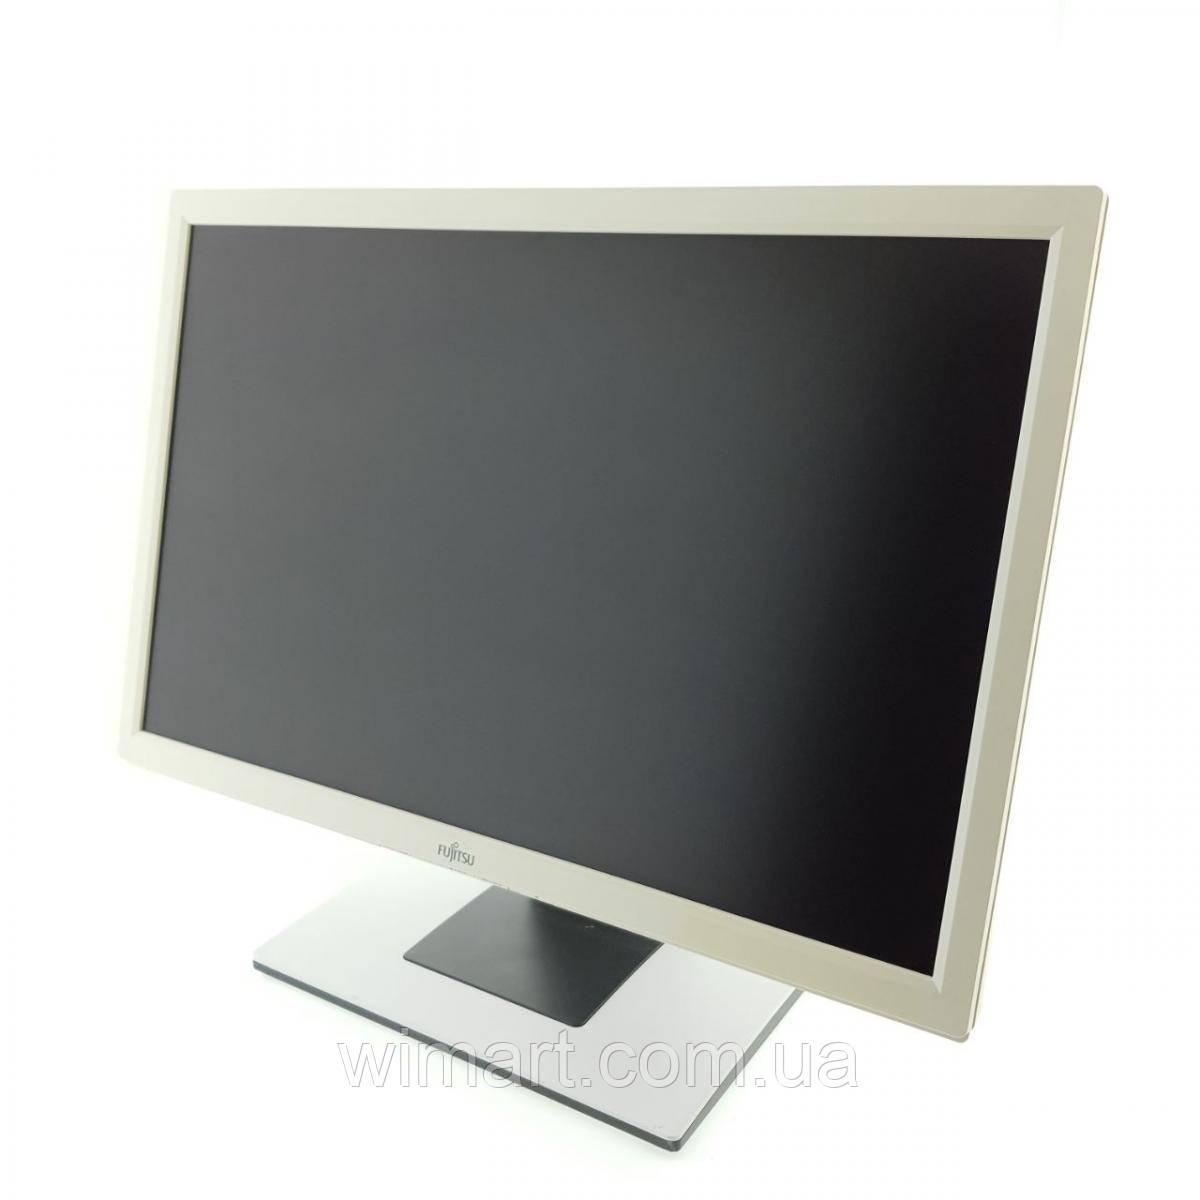 """Б/У Монитор Fujitsu-Siemens B22W-5 Диагональ 22"""" разрешение 1680x1050 VGA DVI Grade B"""